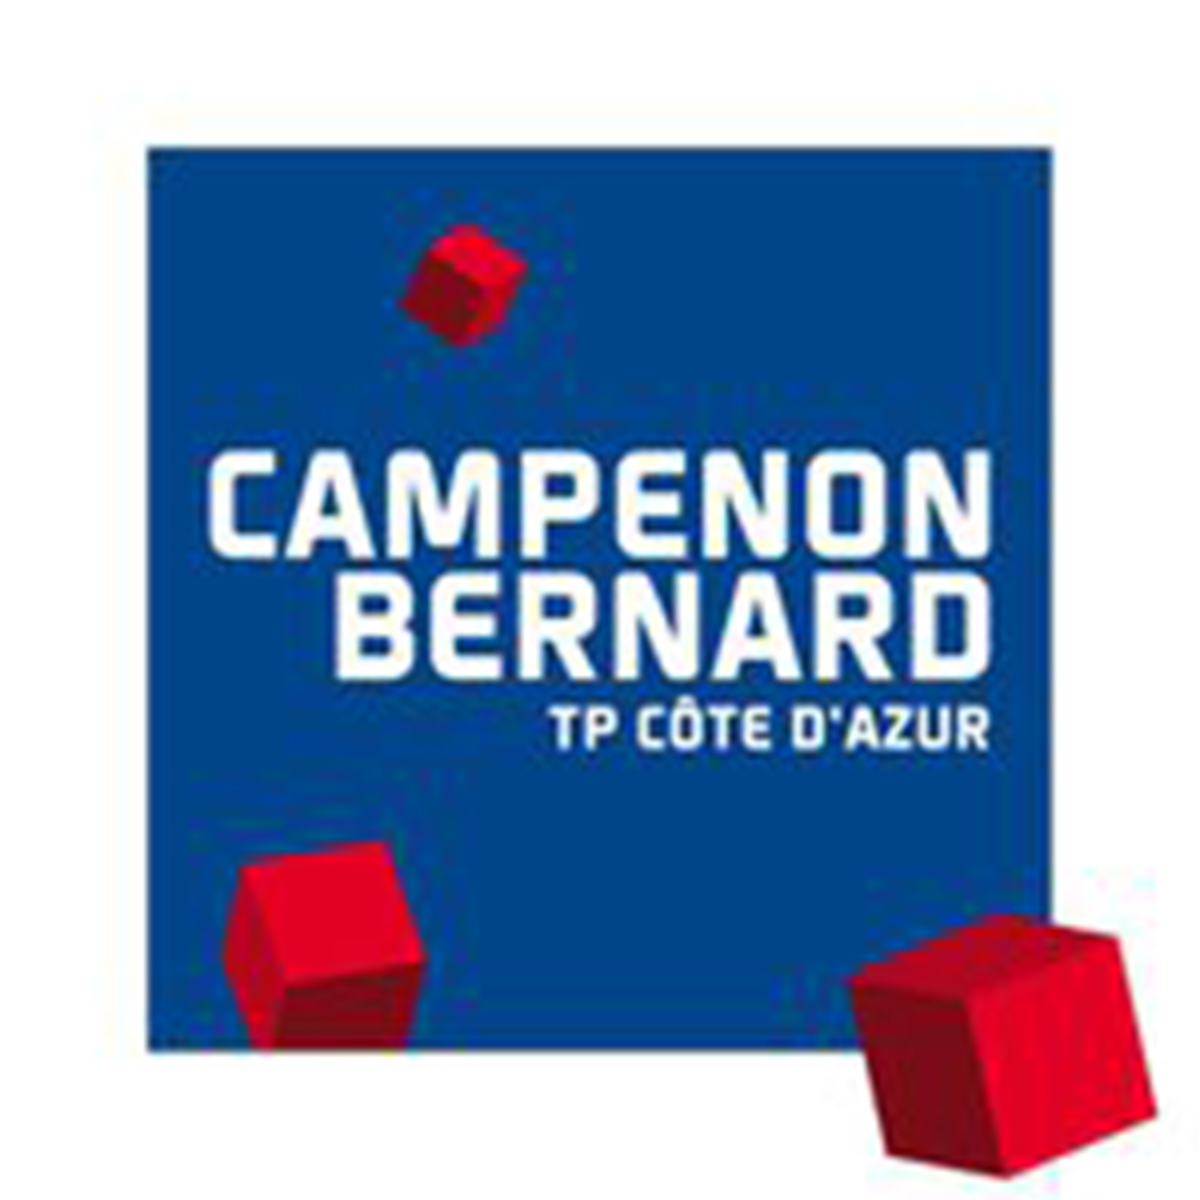 Campenon Bernard TP Côte d'Azur